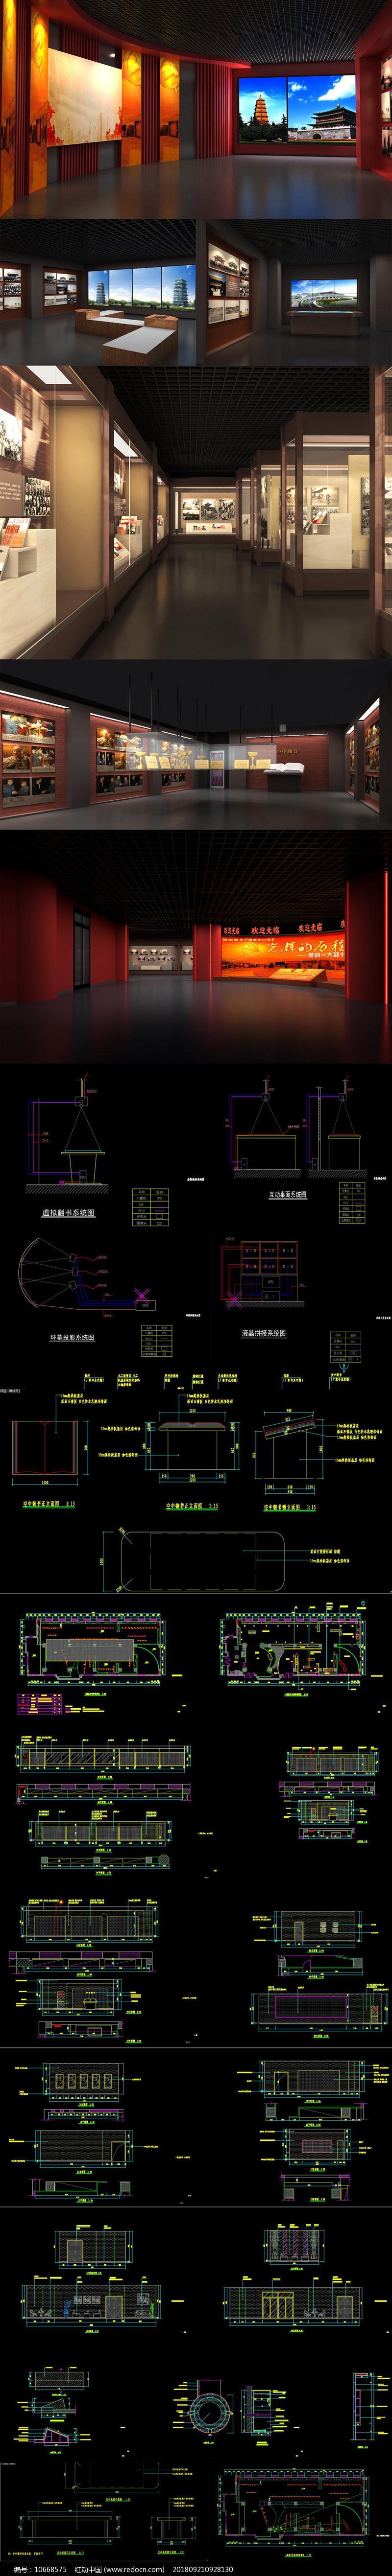 信息发布部门现代展示厅室内图片